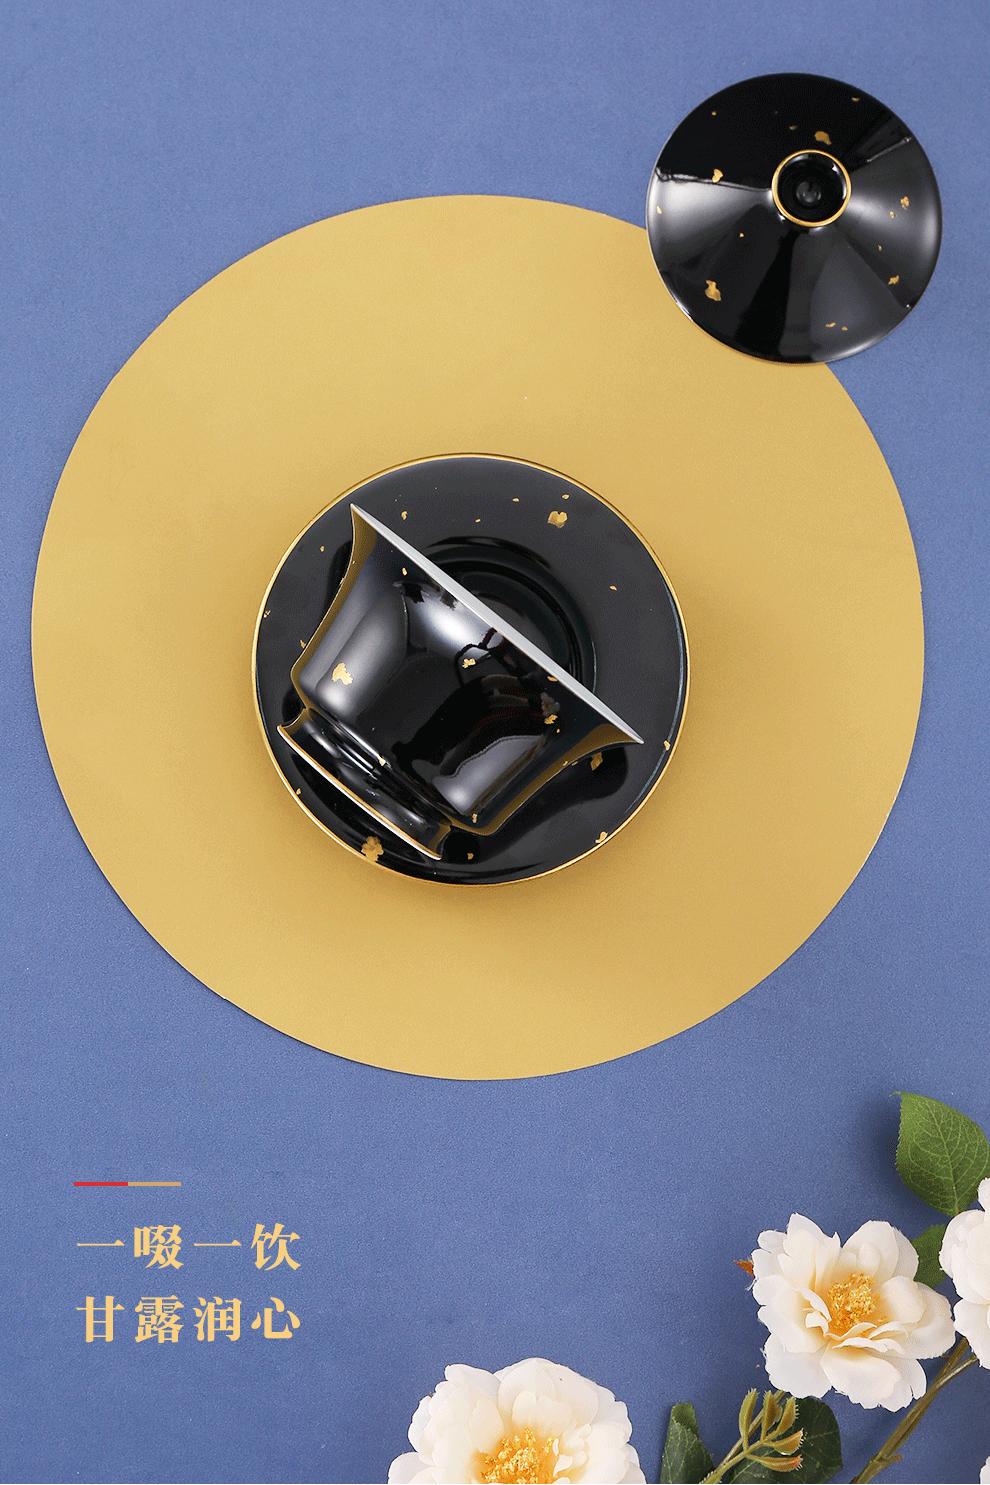 景德镇旗舰店手工颜色釉洒金家用陶瓷单个盖碗泡茶功夫茶具礼盒装